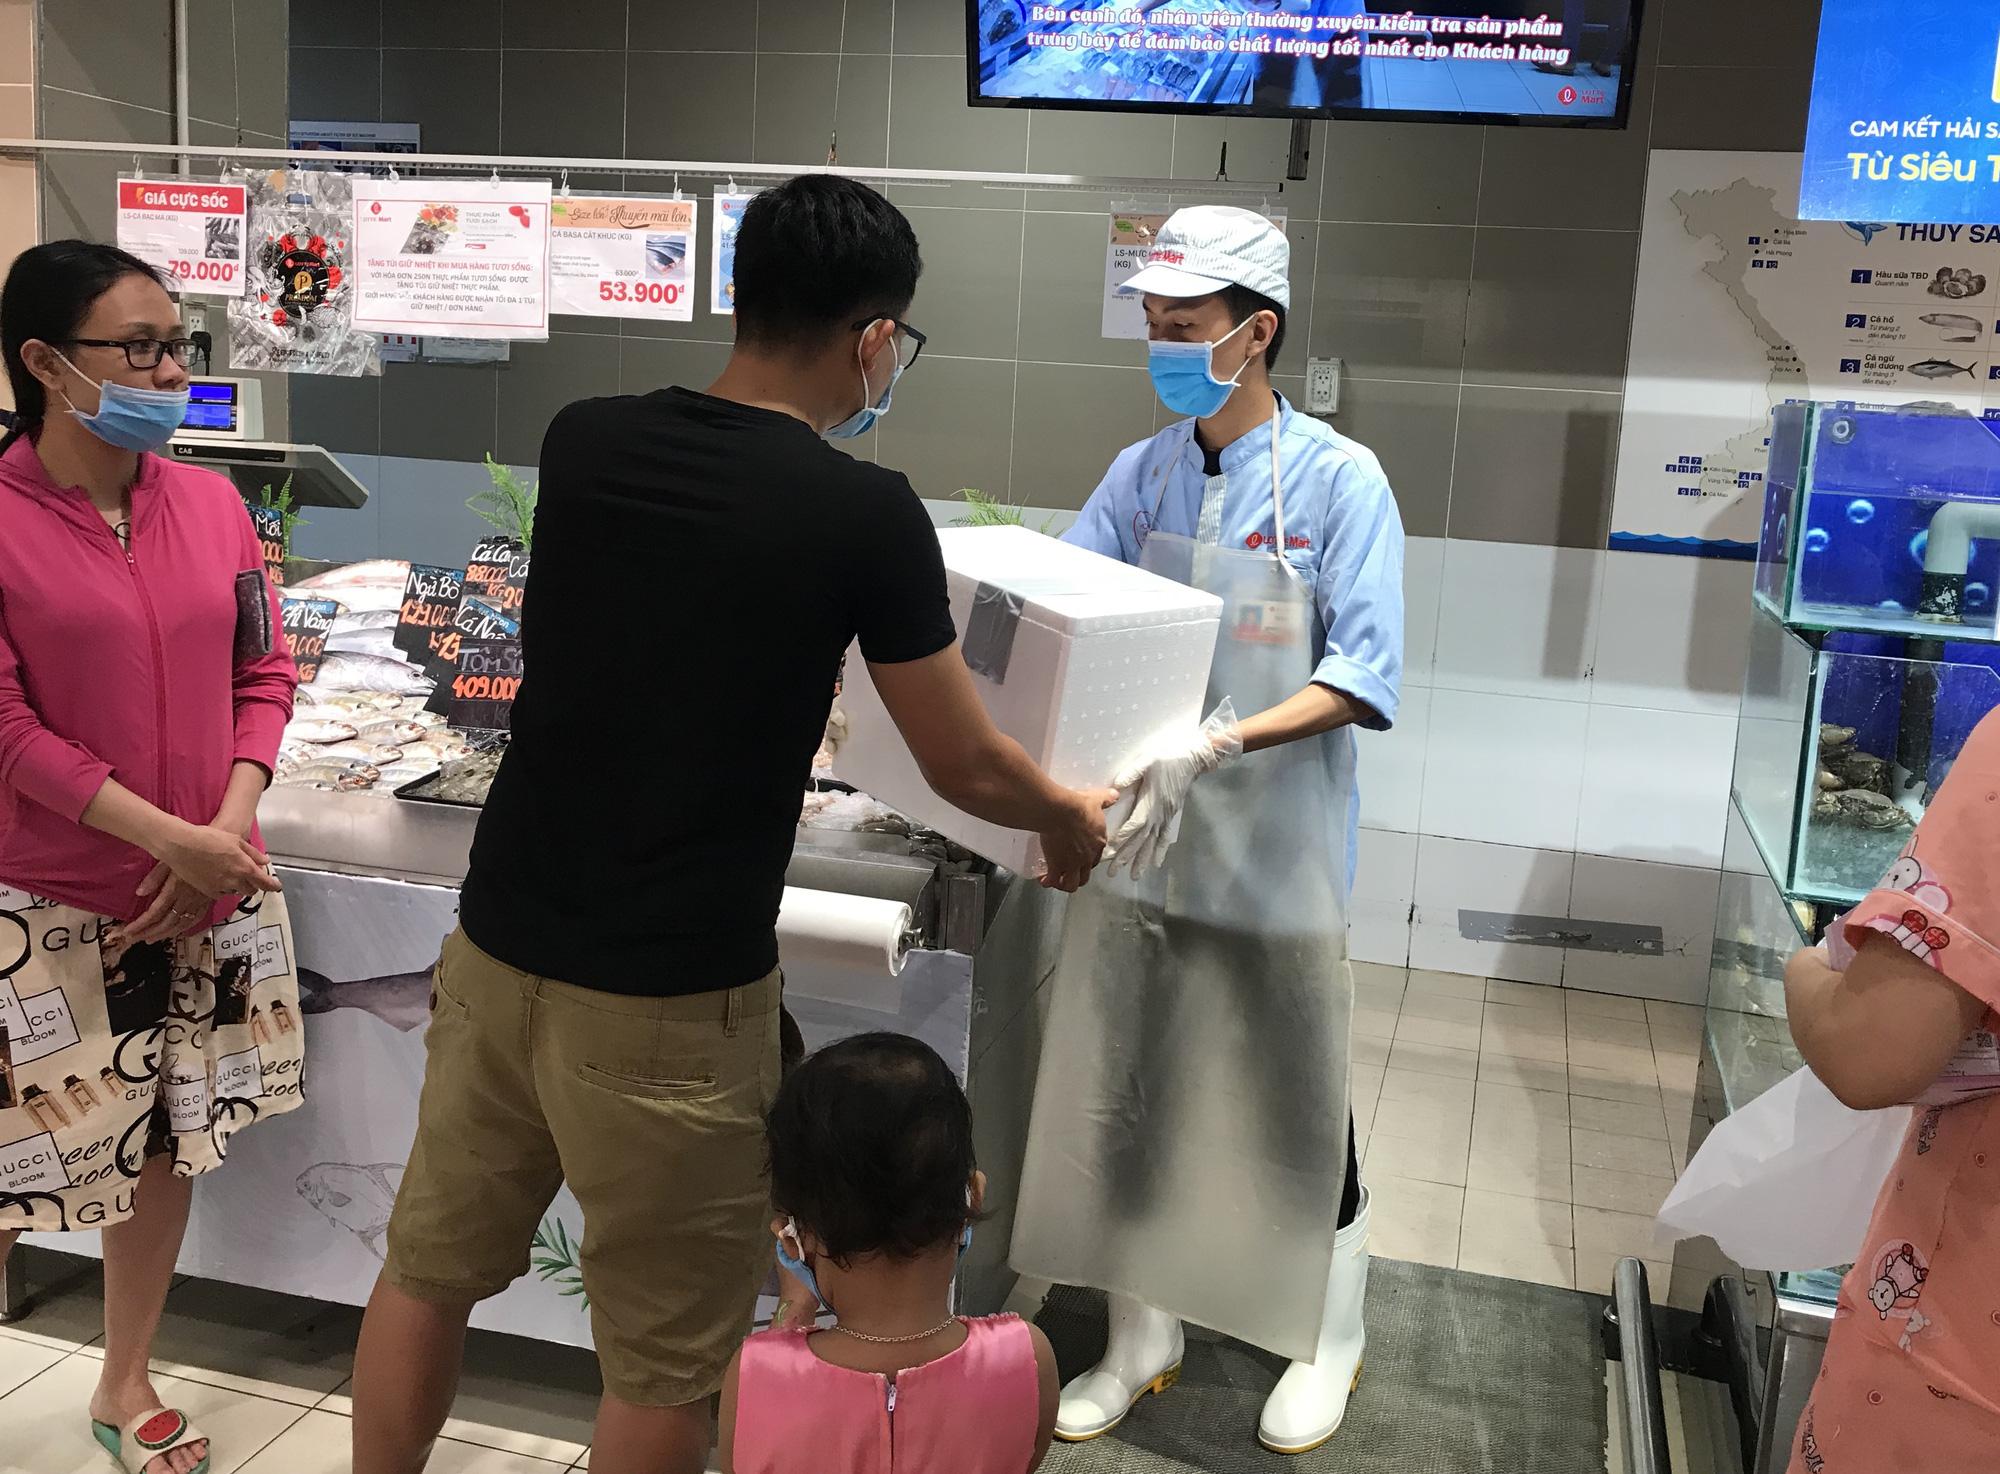 Cận cảnh giải cứu tôm hùm ở Sài Gòn, mới 9h sáng đã hết sạch, có siêu thị chế biến miễn phí cho khách ngay tại chỗ - Ảnh 13.